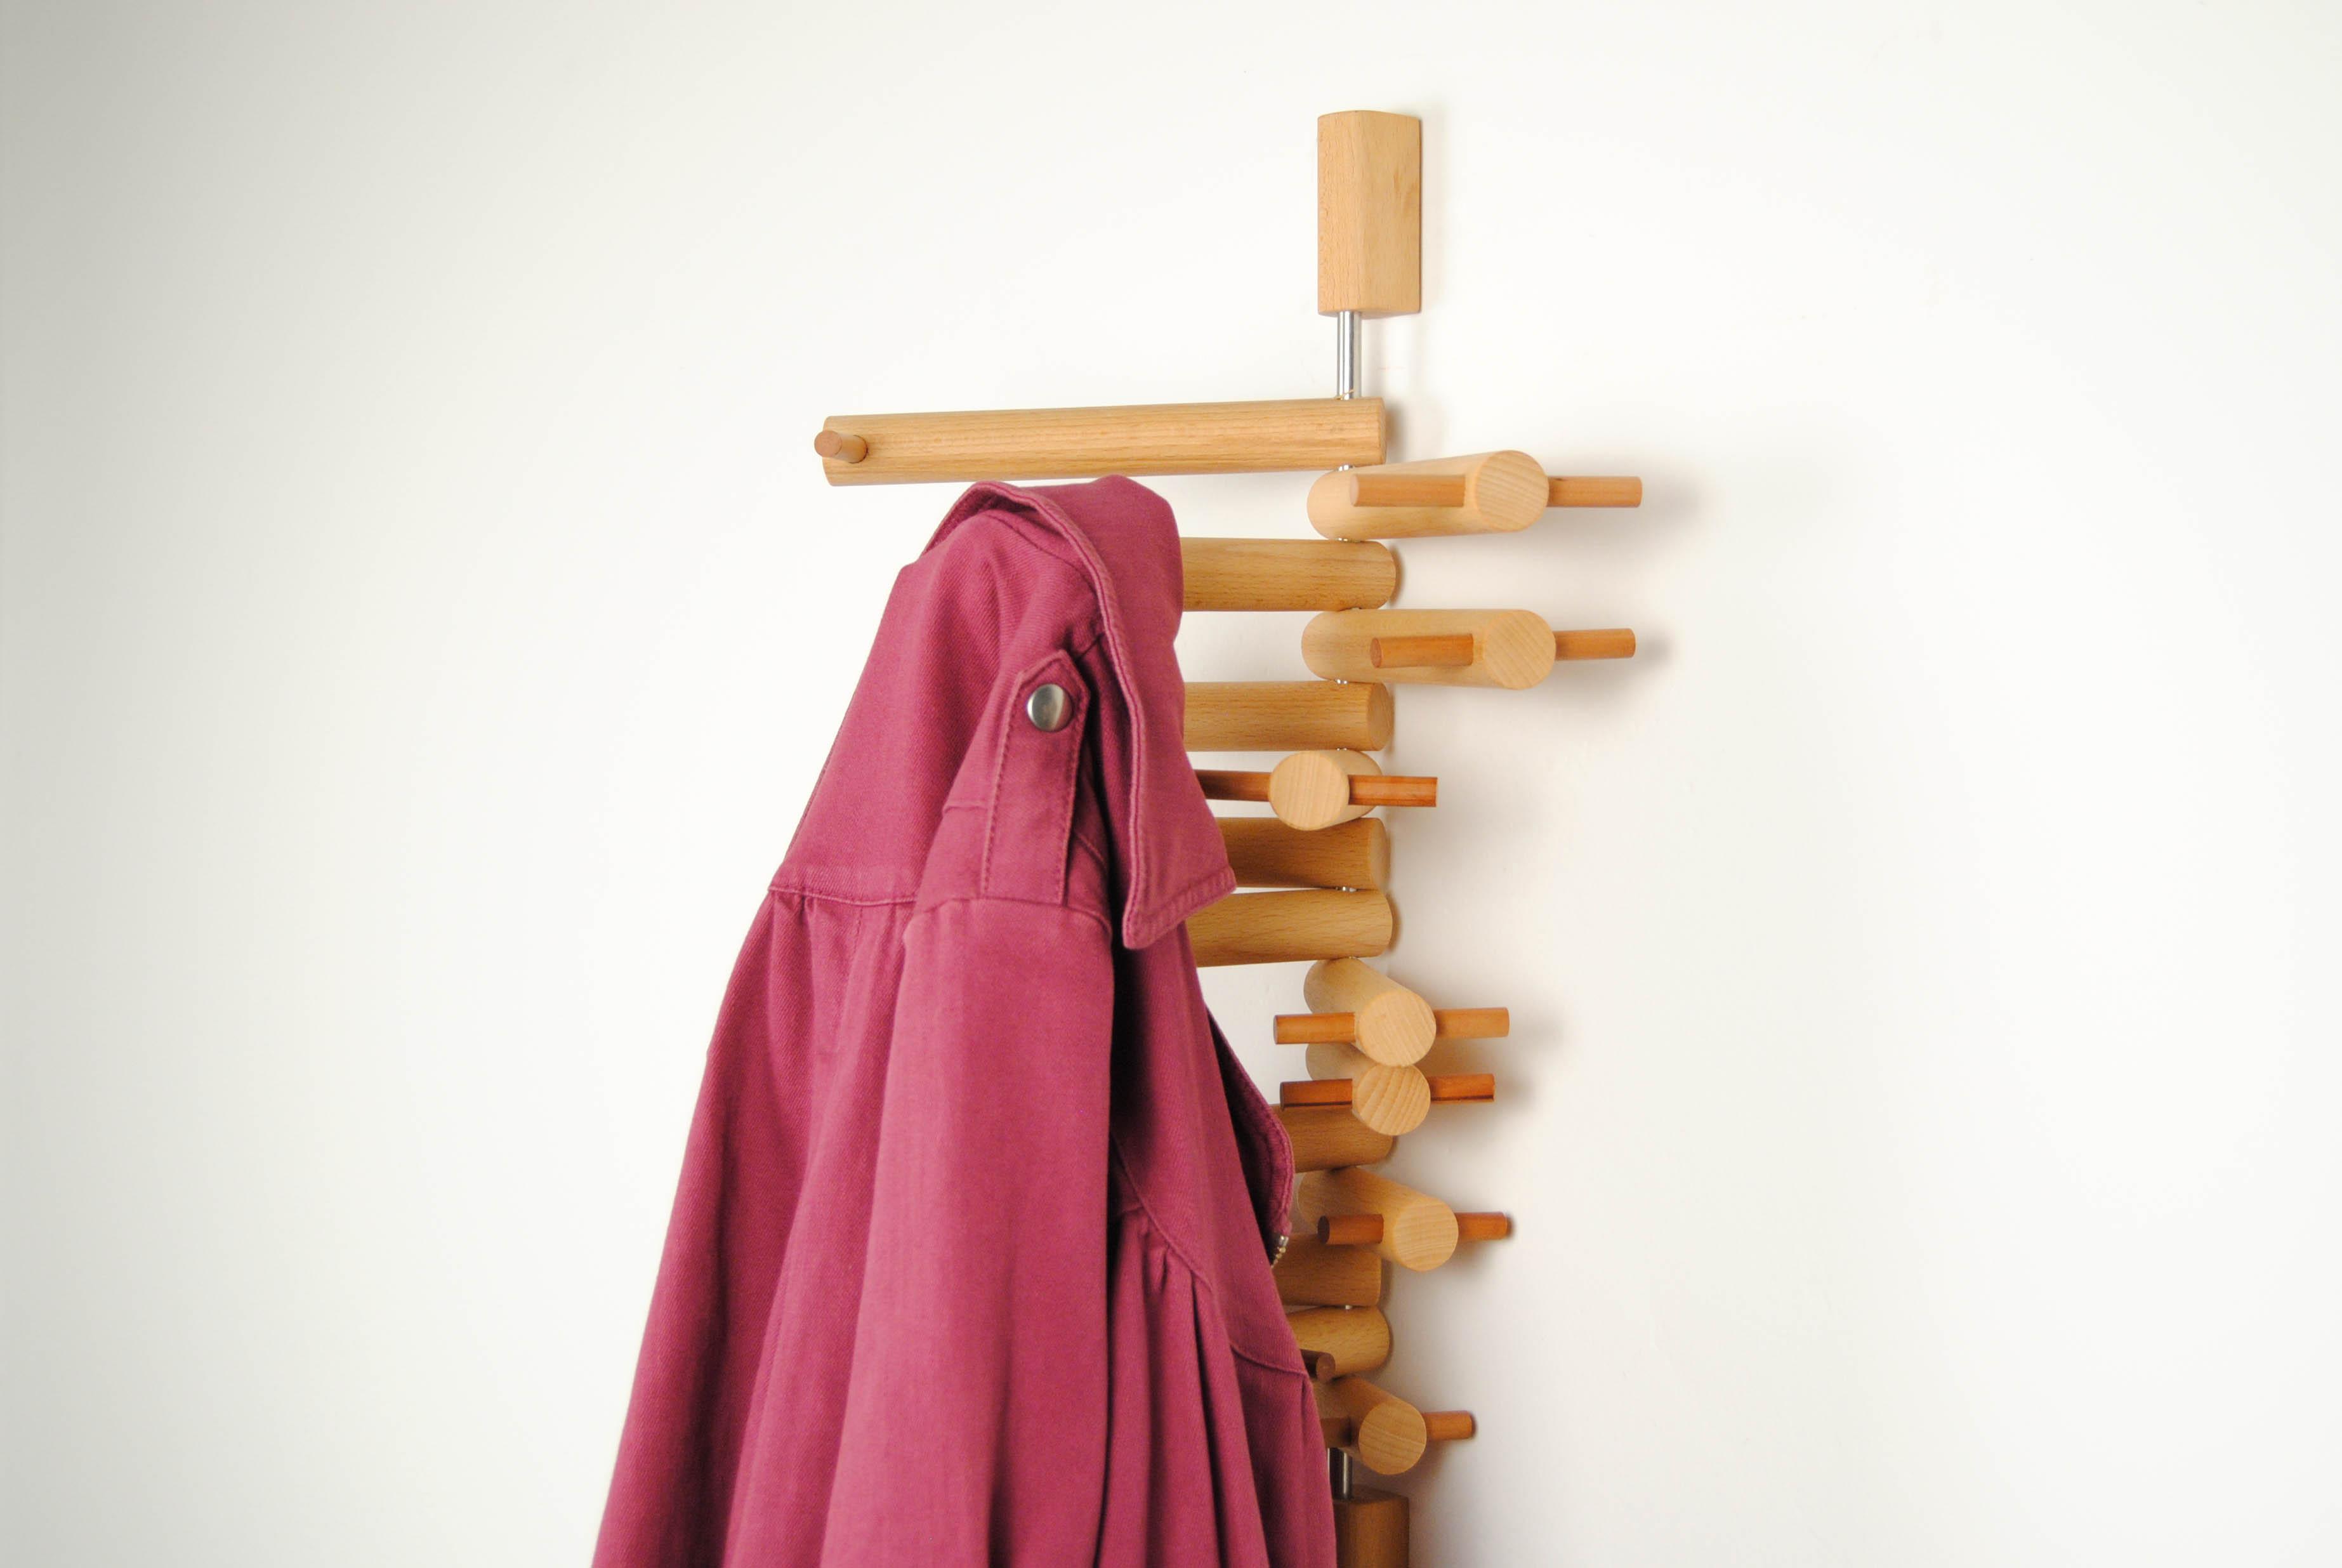 21 wooden coat hook